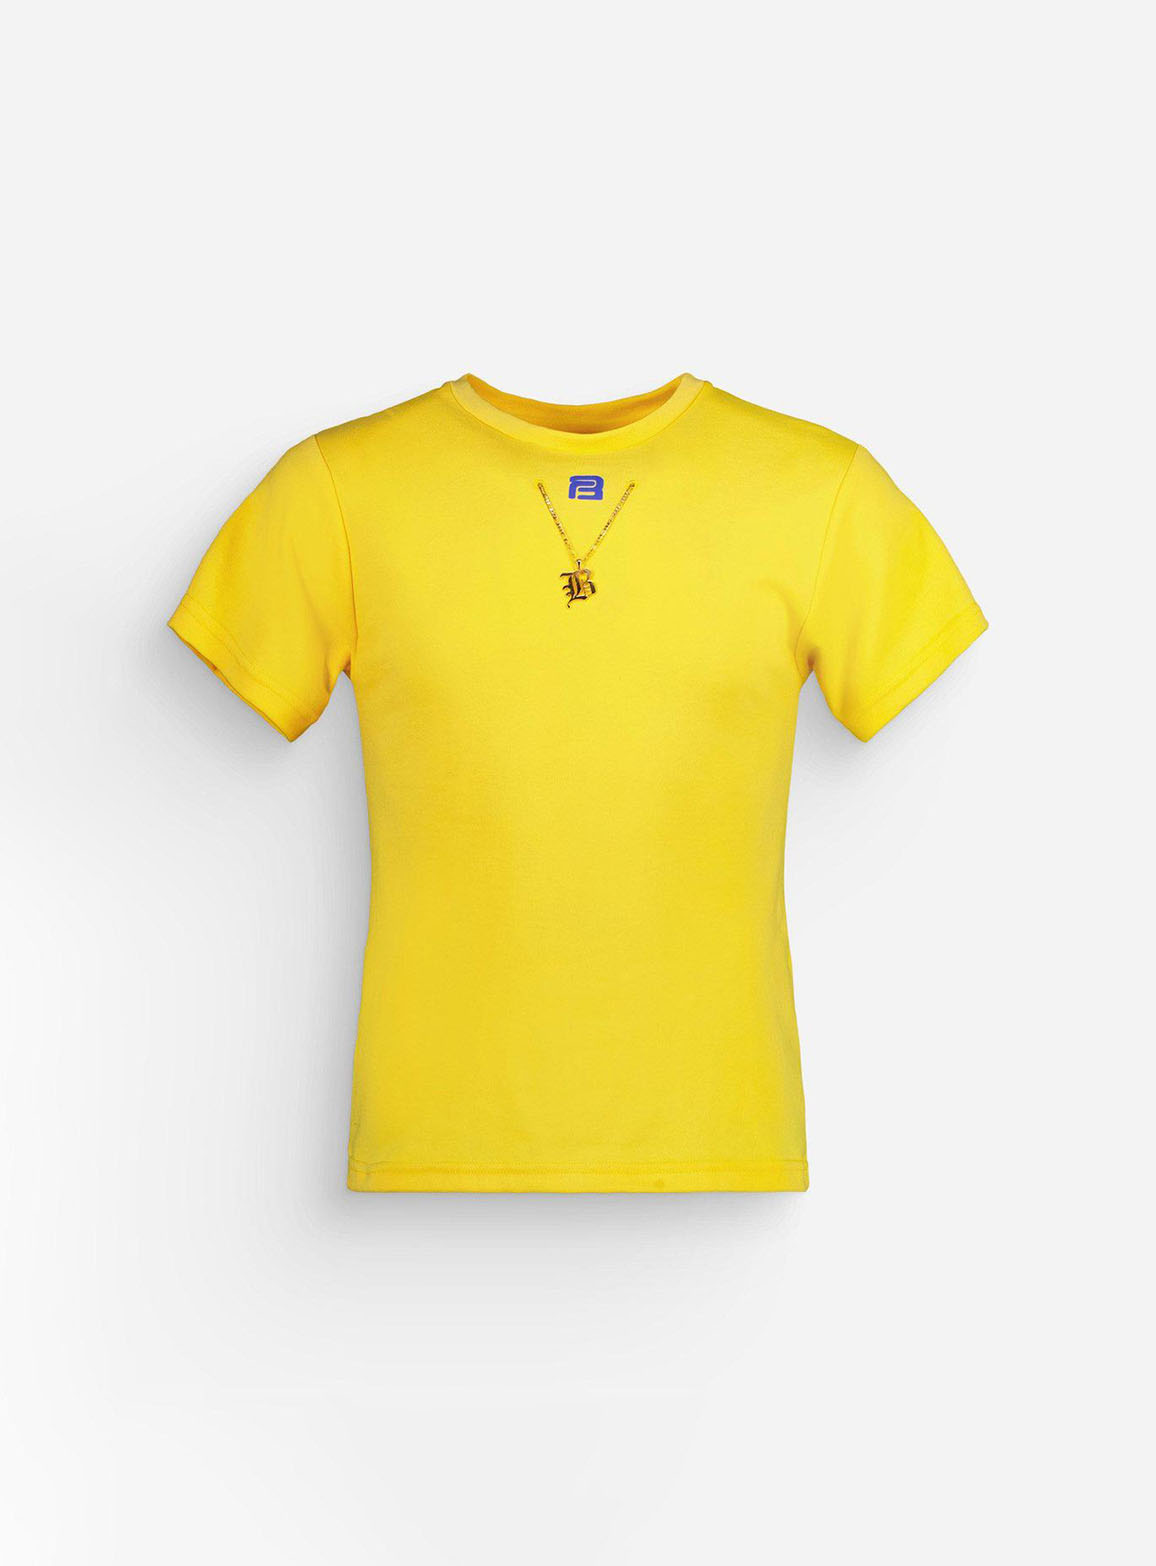 """Yellow """"B"""" chain t-shirt"""